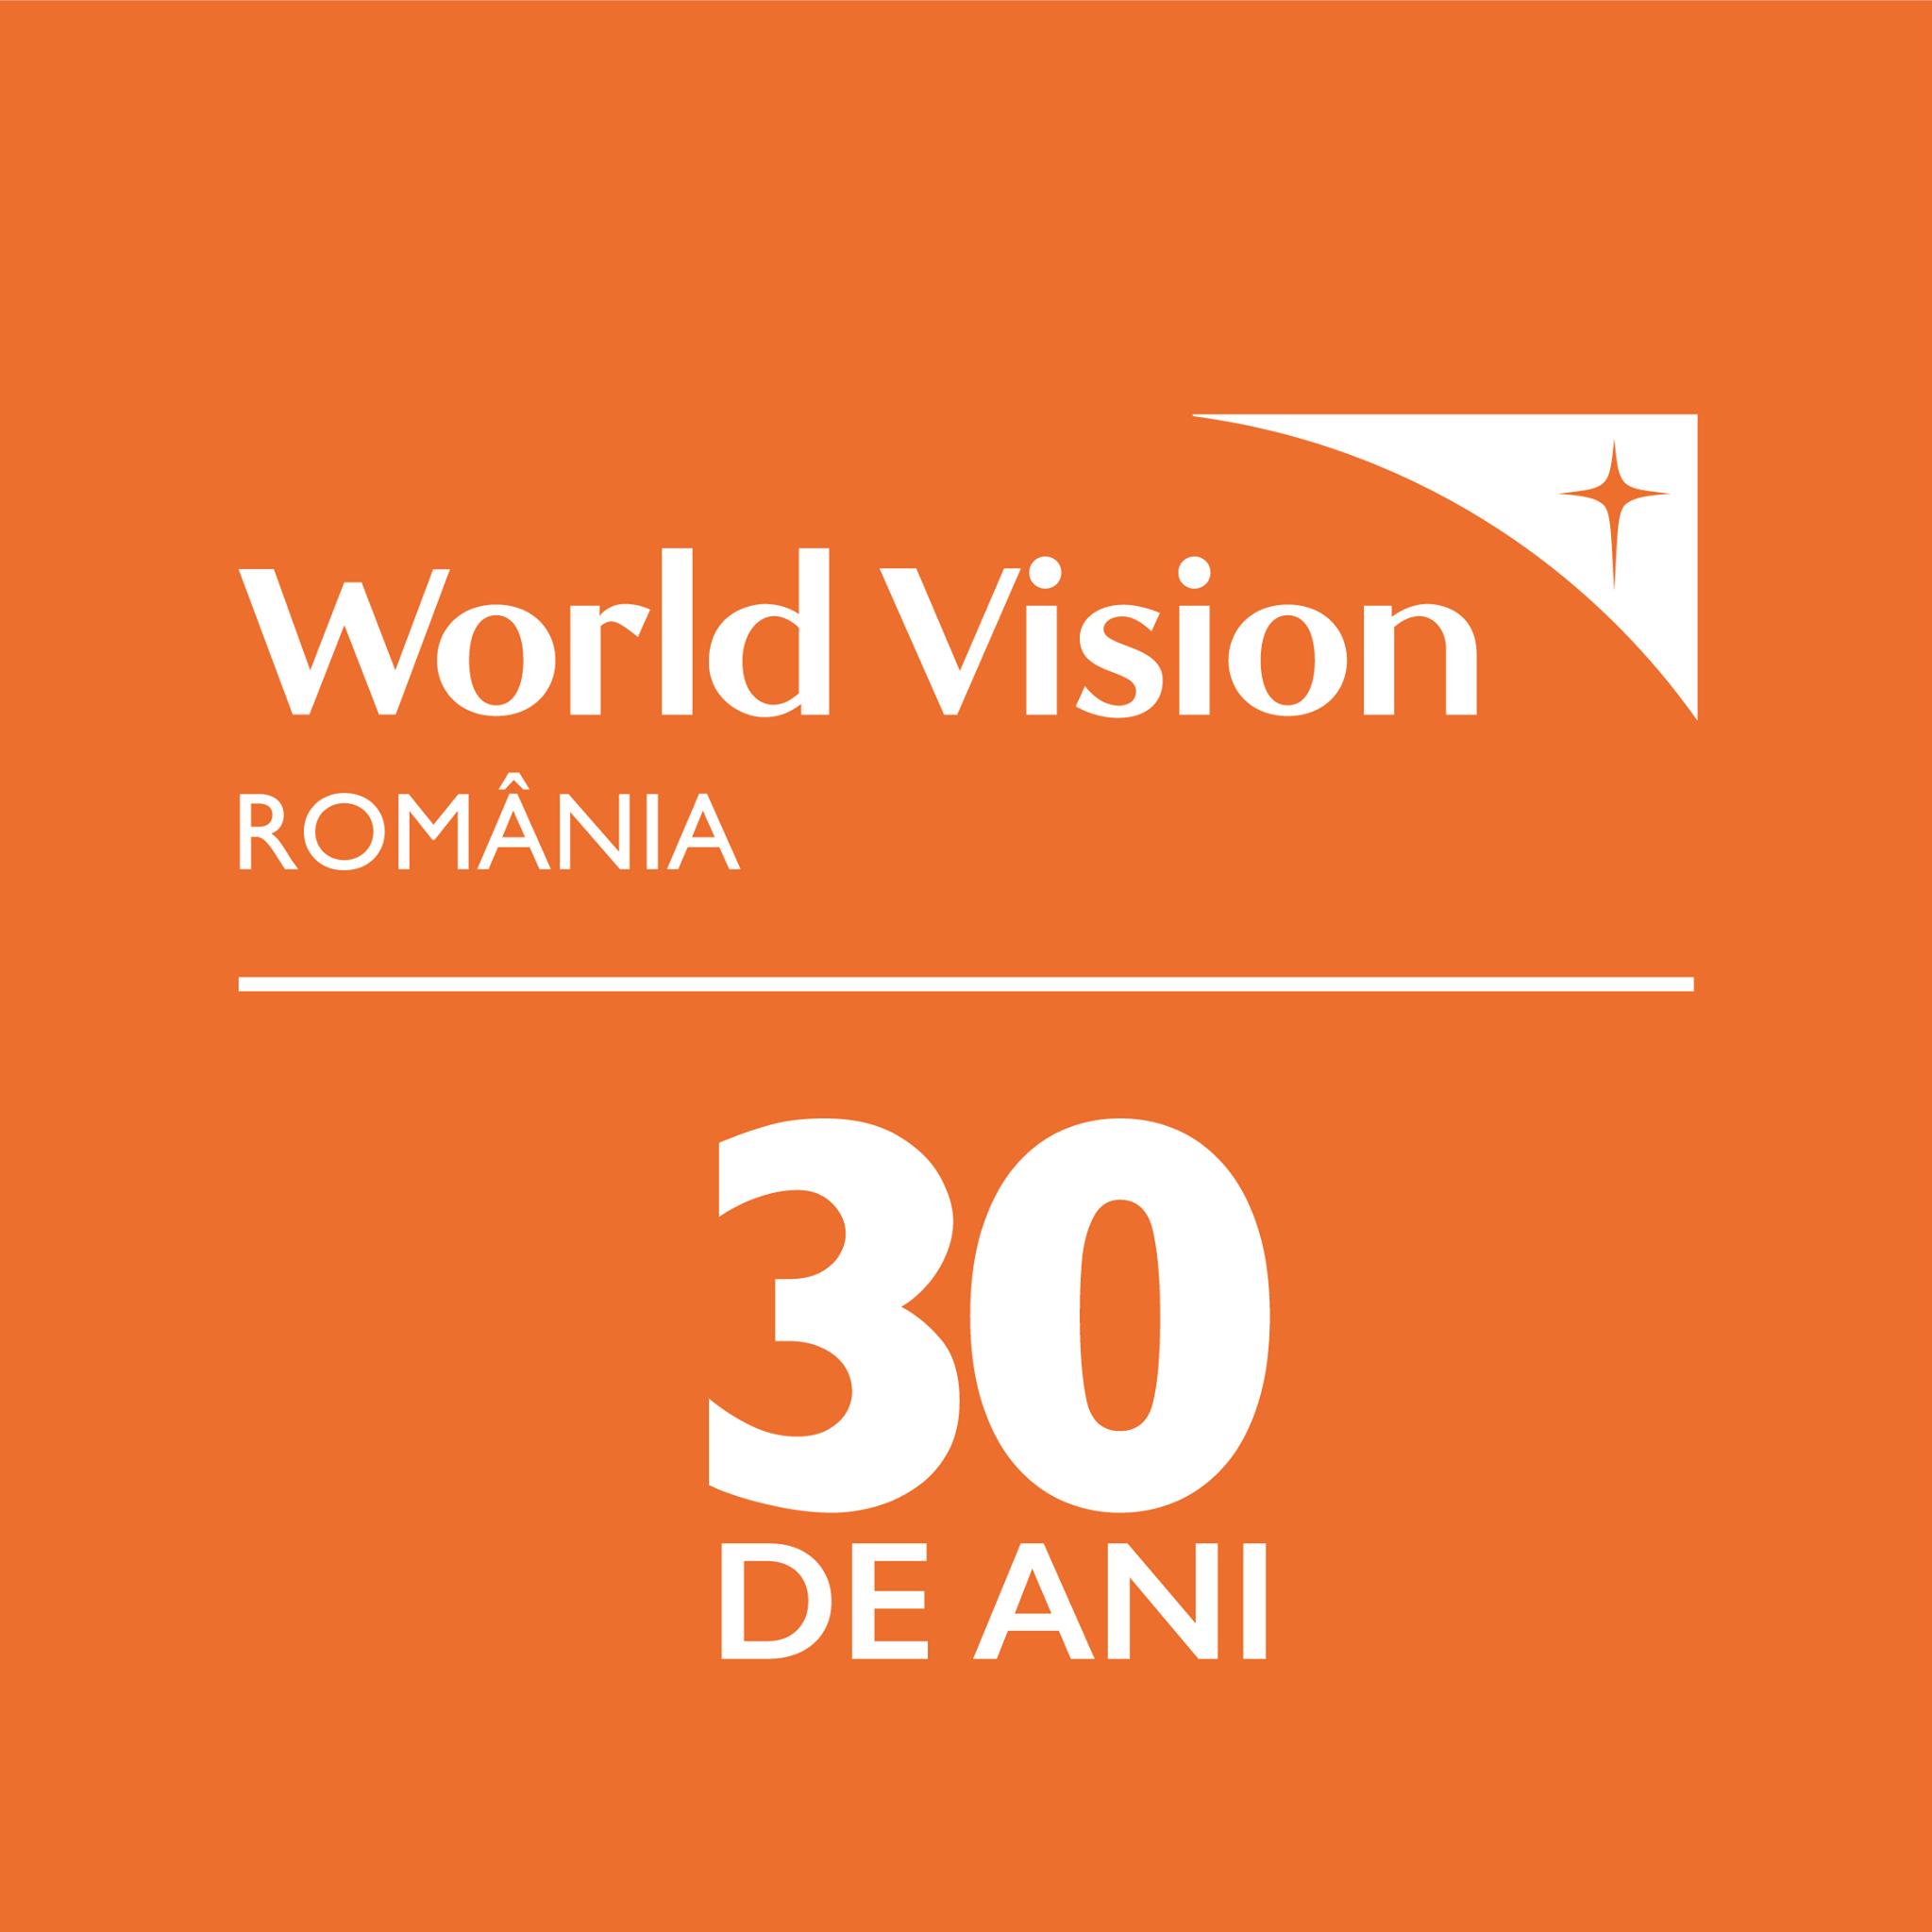 World Vision România avertizează asupra pericolelor din online la care sunt expuși elevii